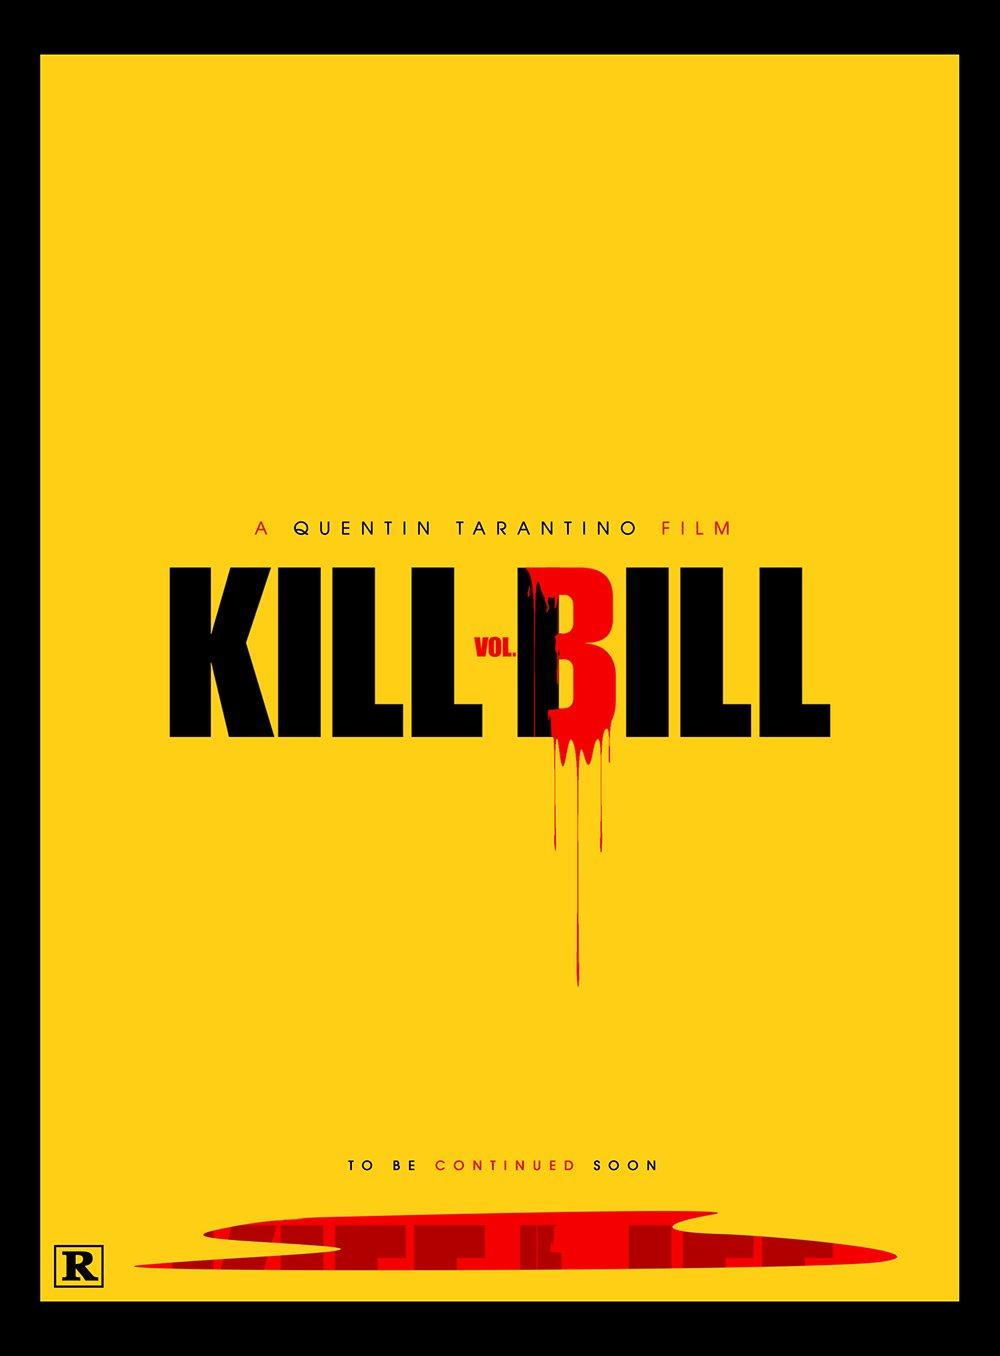 《杀死比尔3》要来?国外大神海报都给提前想好了